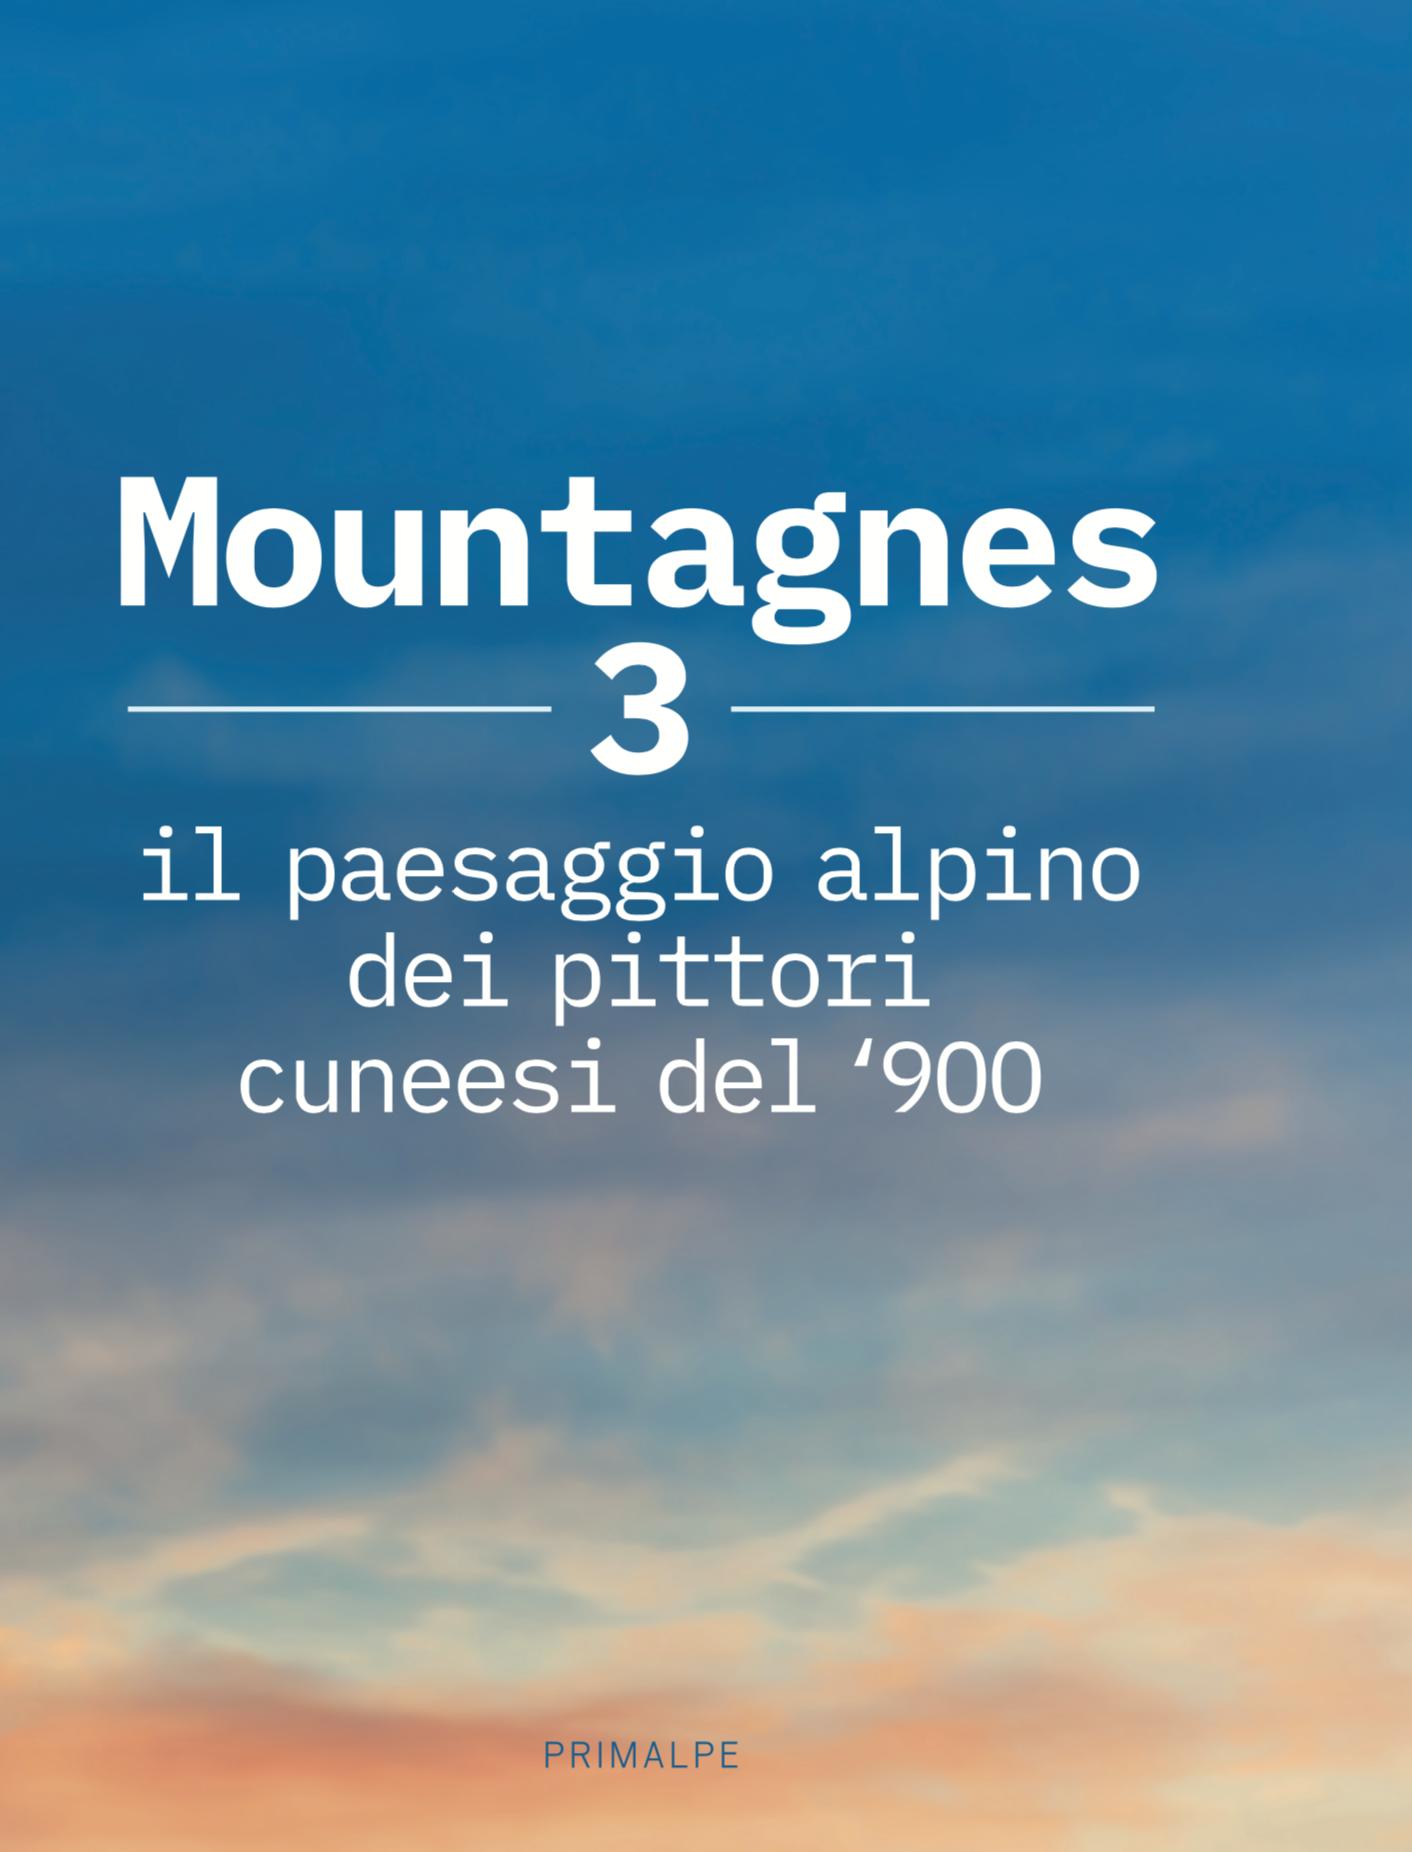 La Guida - La montagna cuneese raccontata in un secolo di pittura